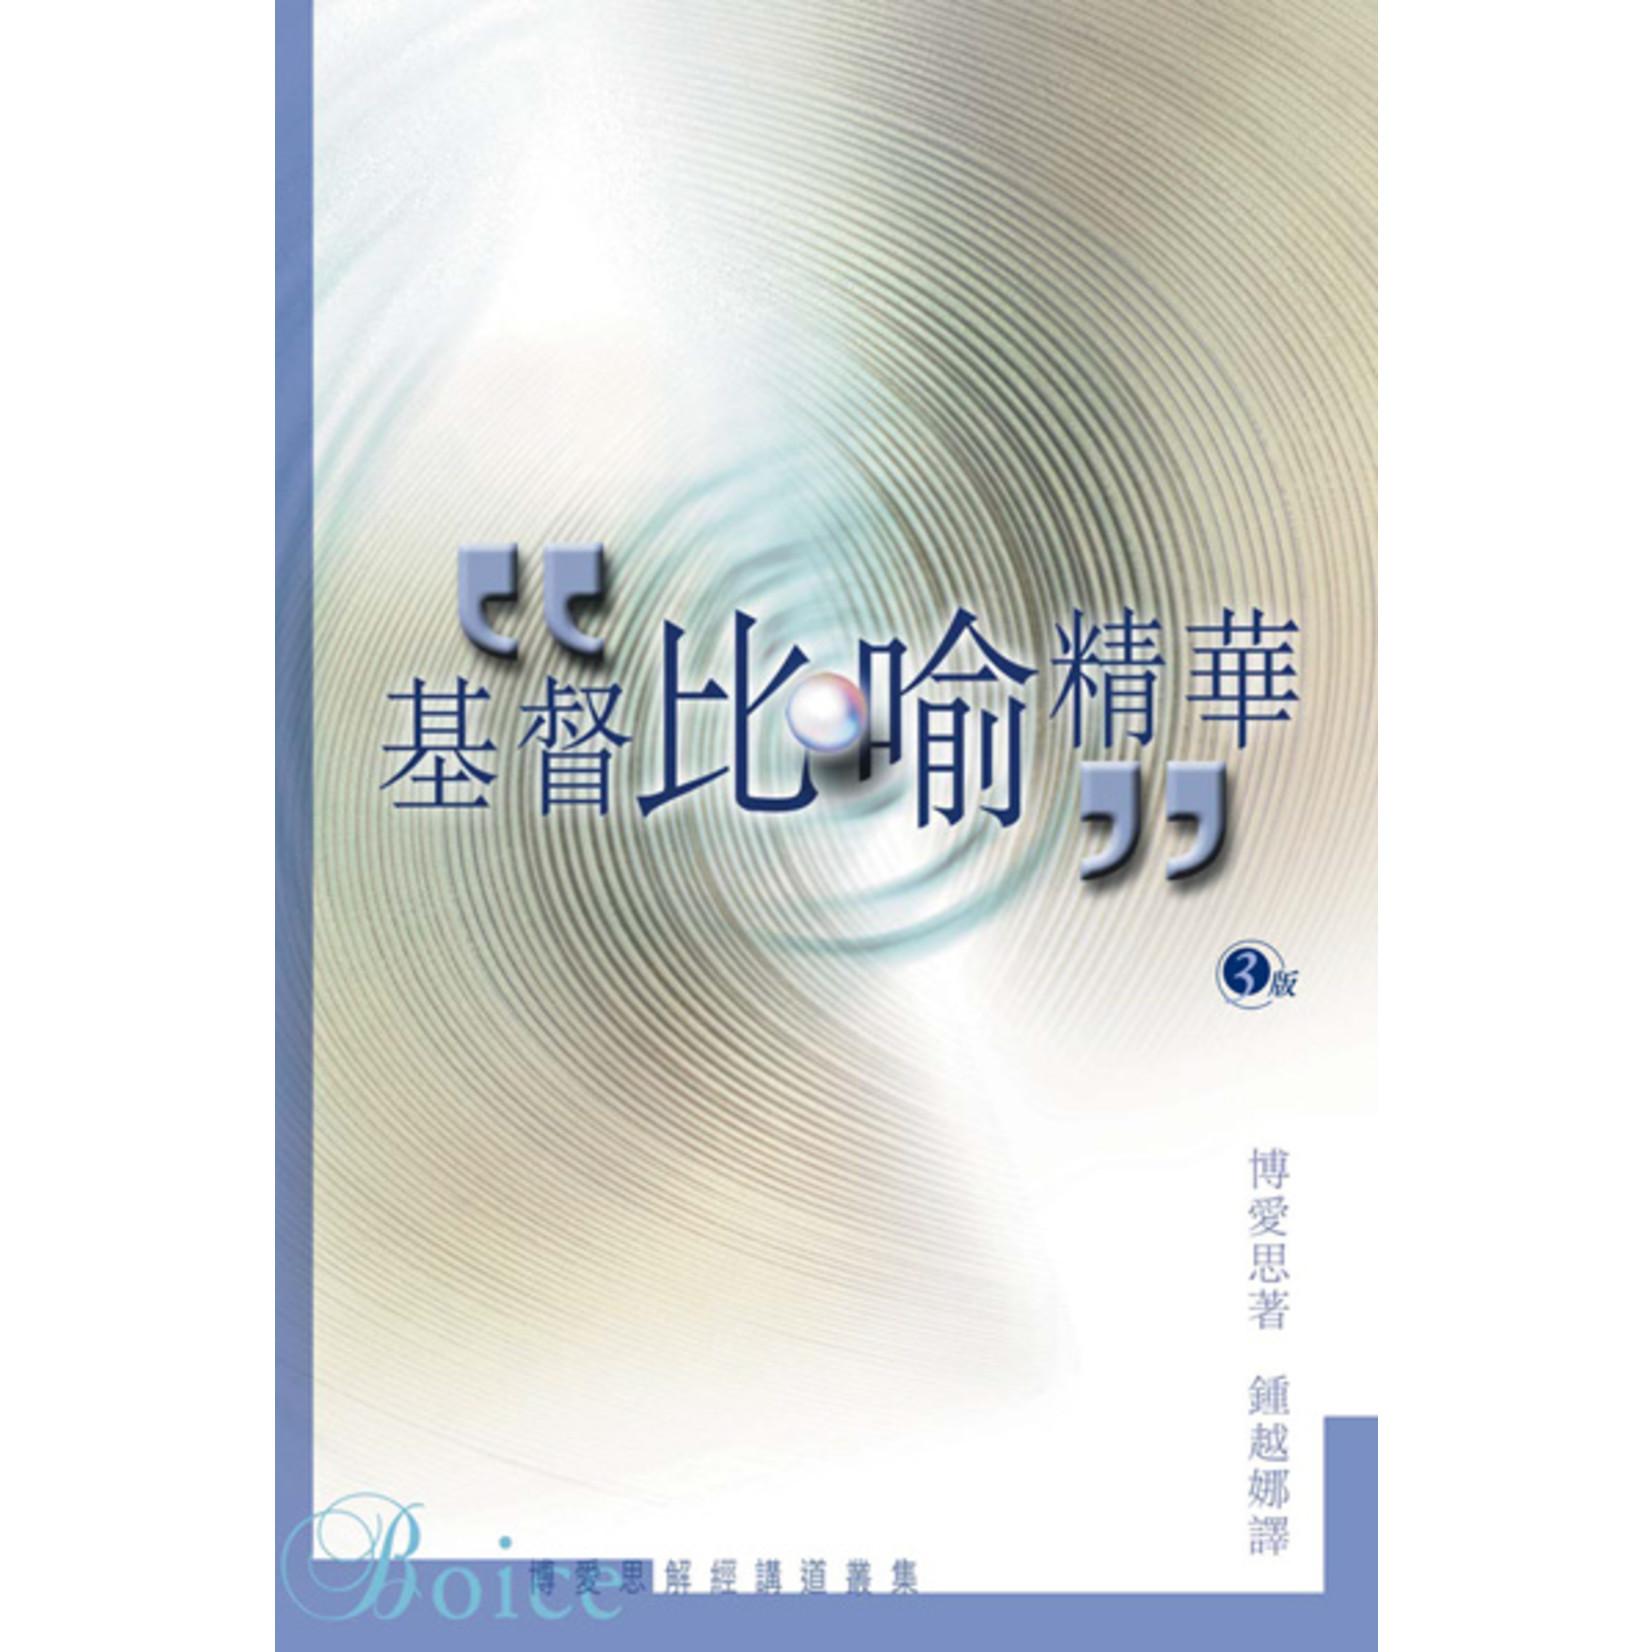 美國活泉 Living Spring Publications 基督比喻精華 The Parables of Jesus